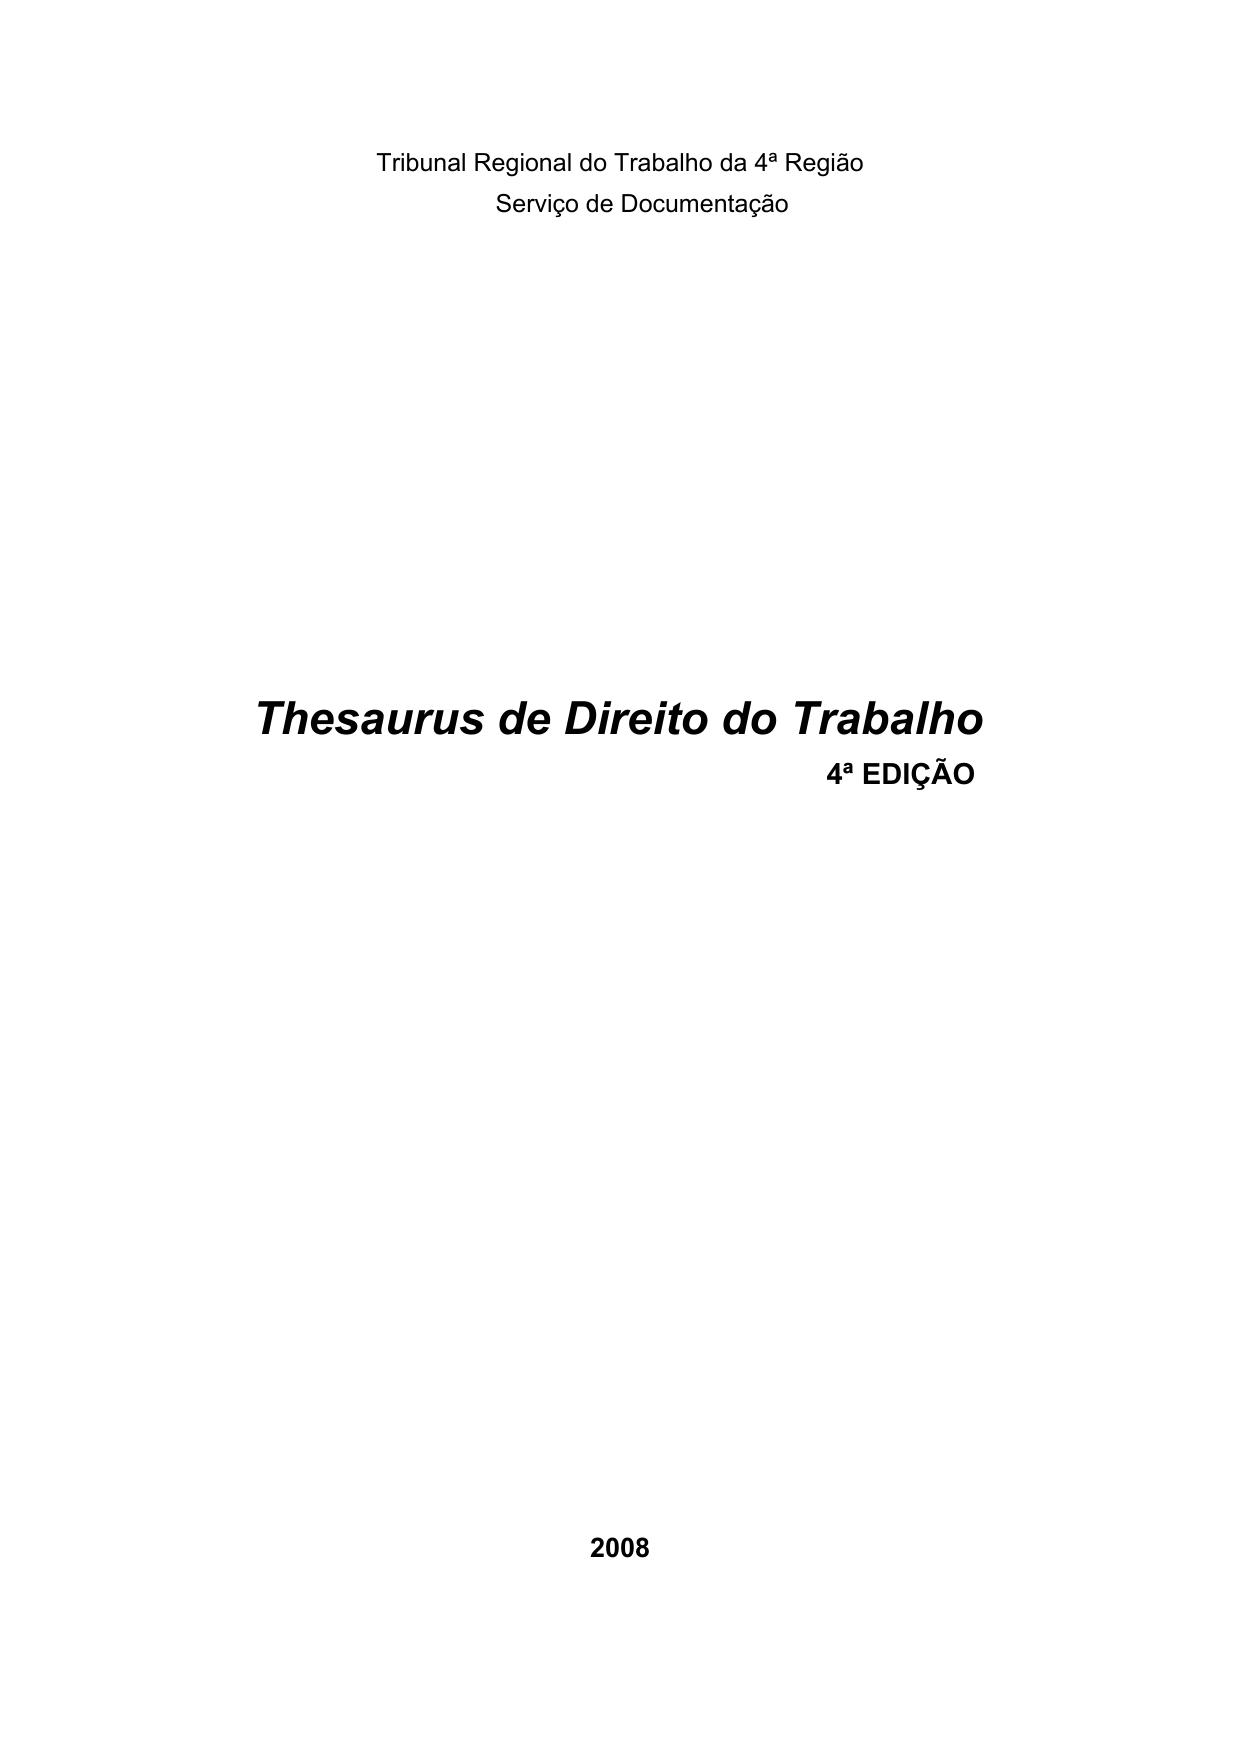 ec54814ba3 Tribunal Regional do Trabalho da 4ª Região Serviço de Documentação  Thesaurus de Direito do Trabalho 4ª EDIÇÃO 2008 Sumário Fundamentação  teórica na ...